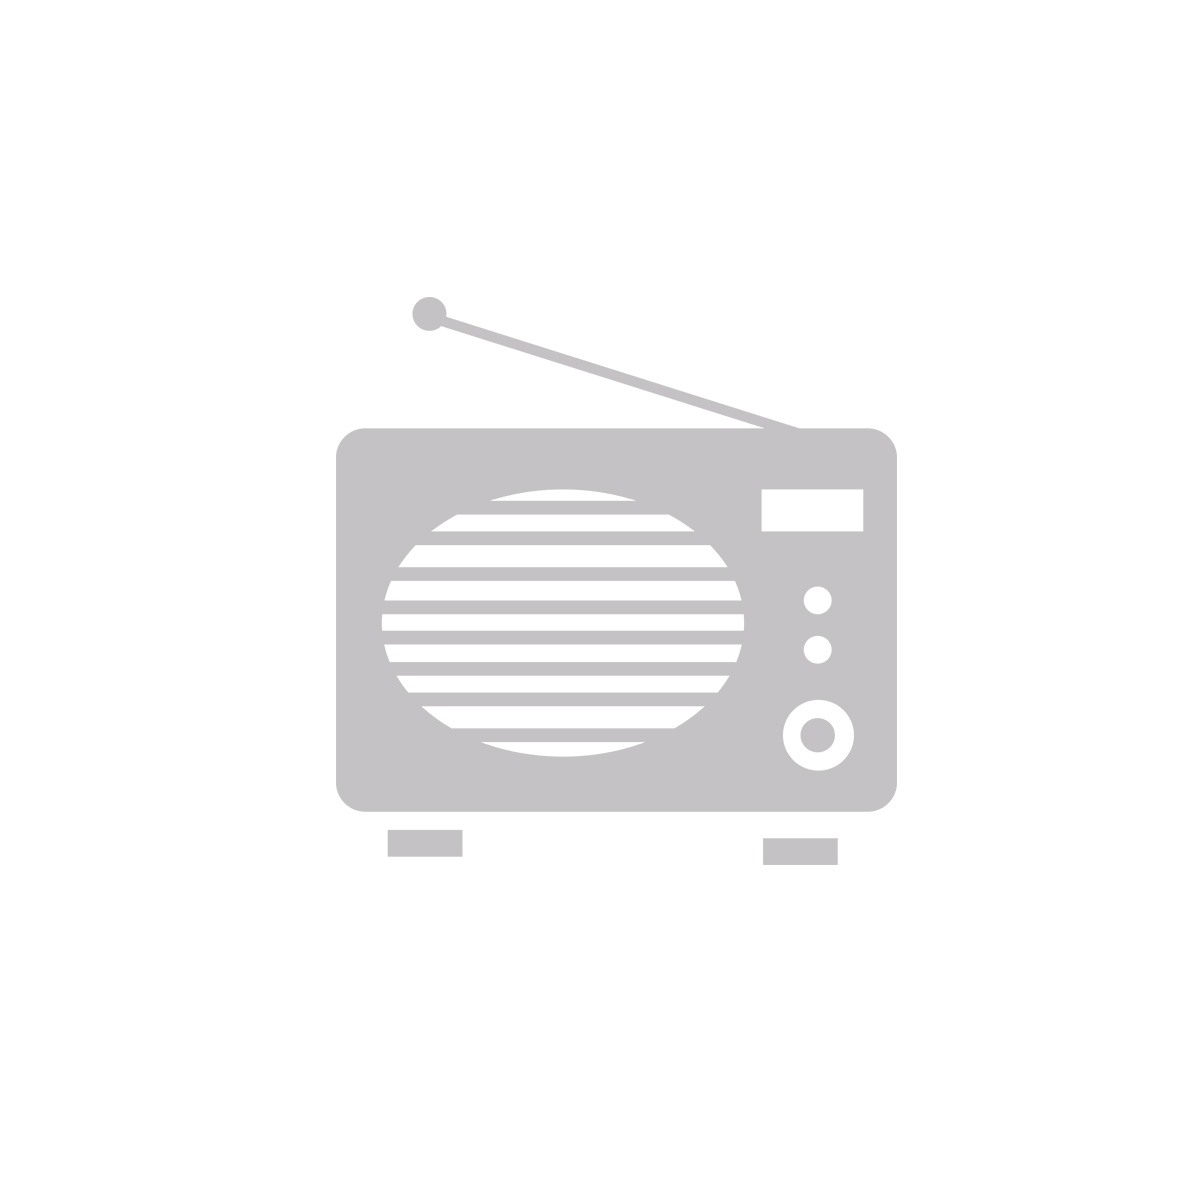 Happy エクステリア(2019年04月04日)株式会社佐藤園芸 佐藤専務 「HAPPYエクステリア リターンズ」